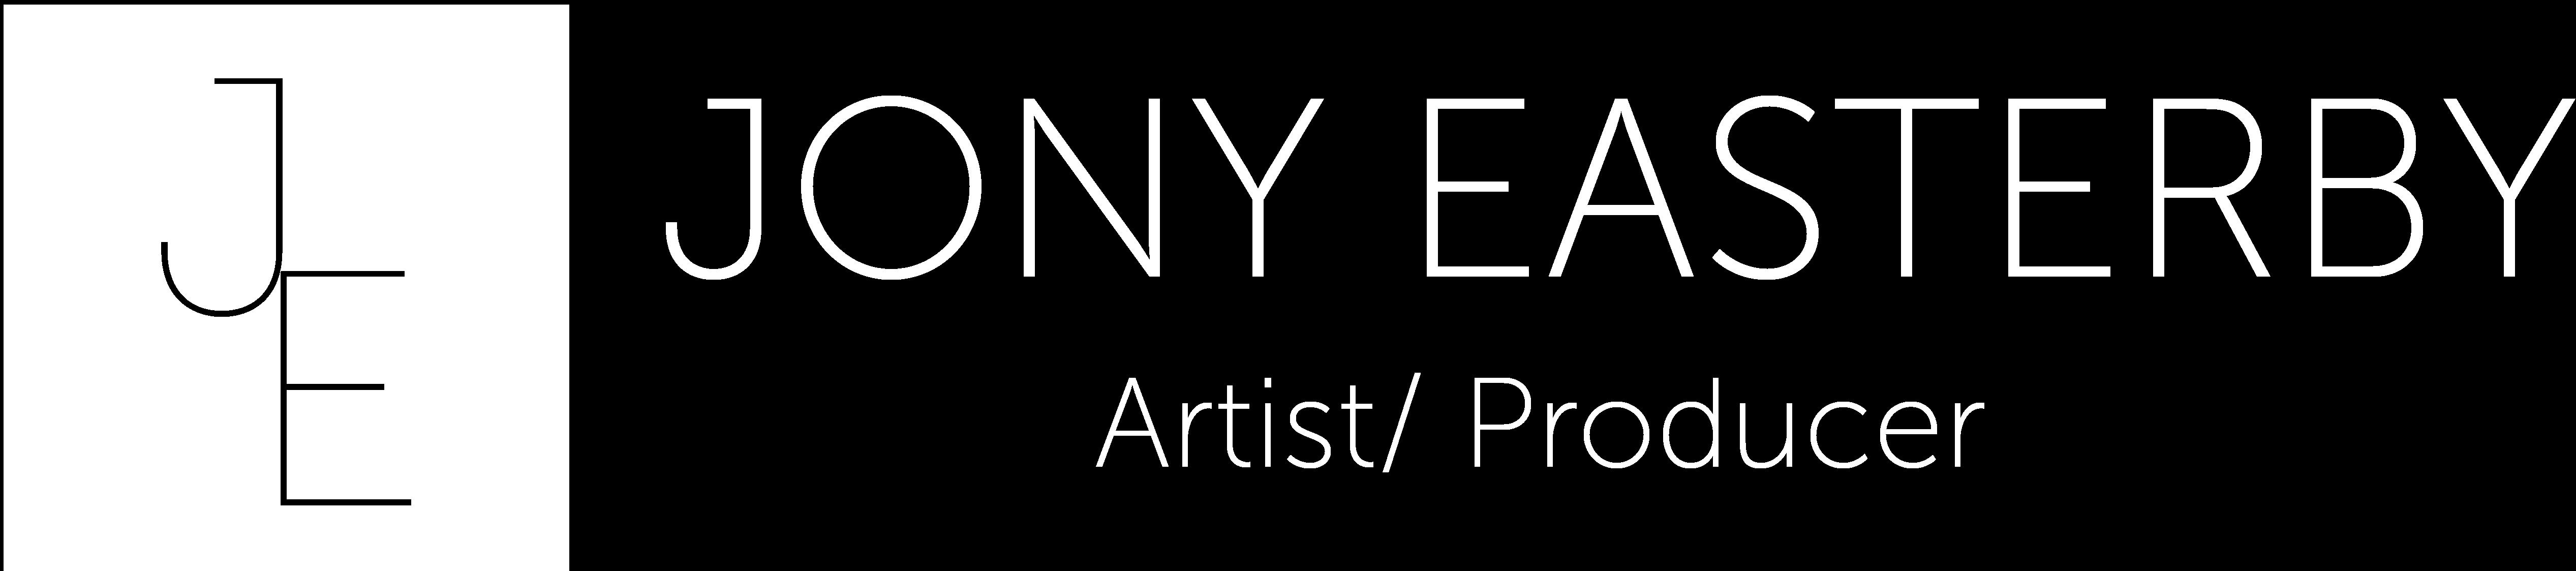 Jony Easterby